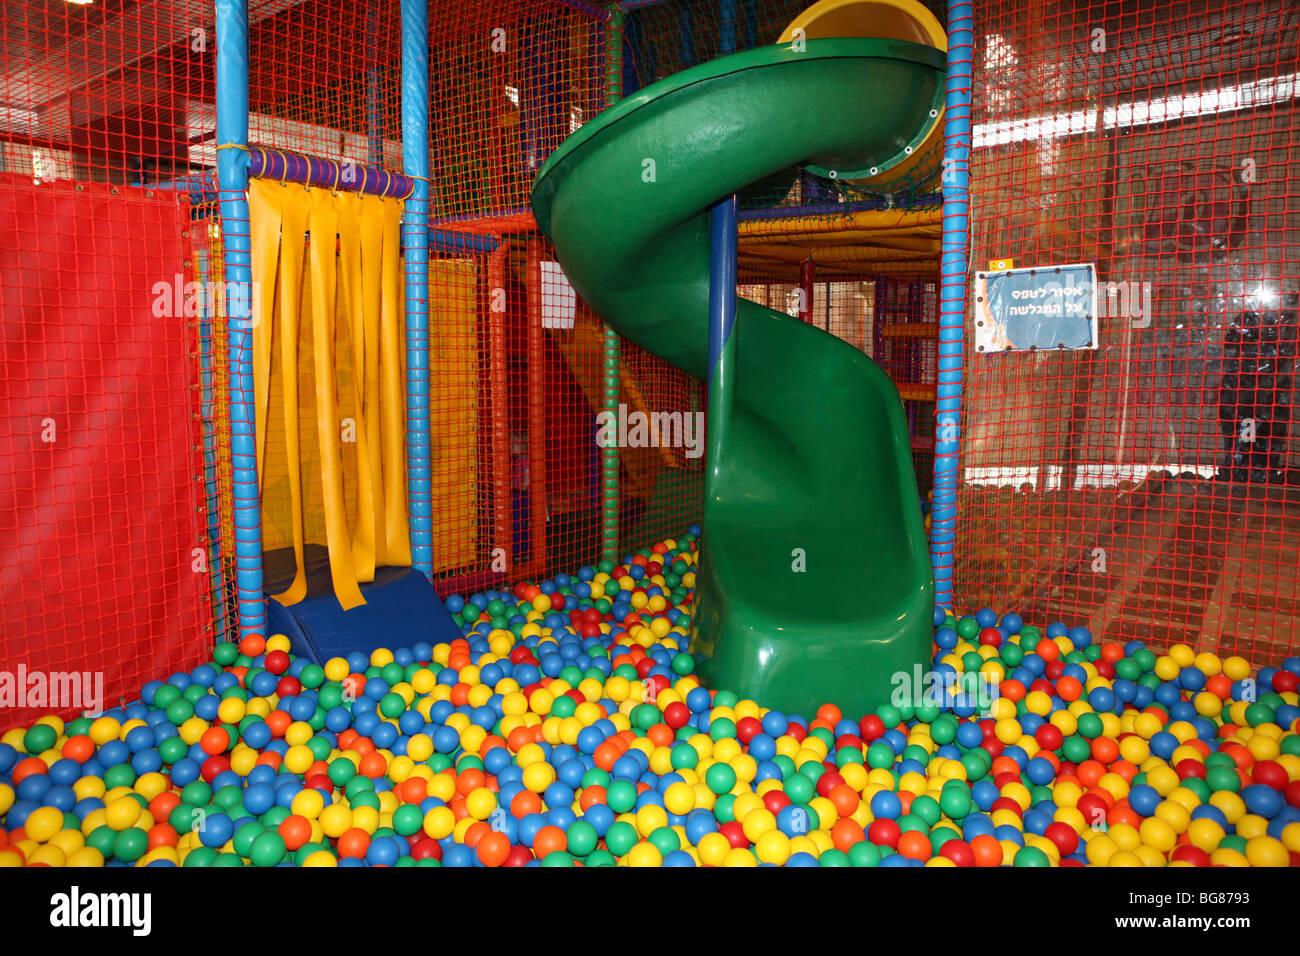 Ball Pool Stock Photos Amp Ball Pool Stock Images Alamy